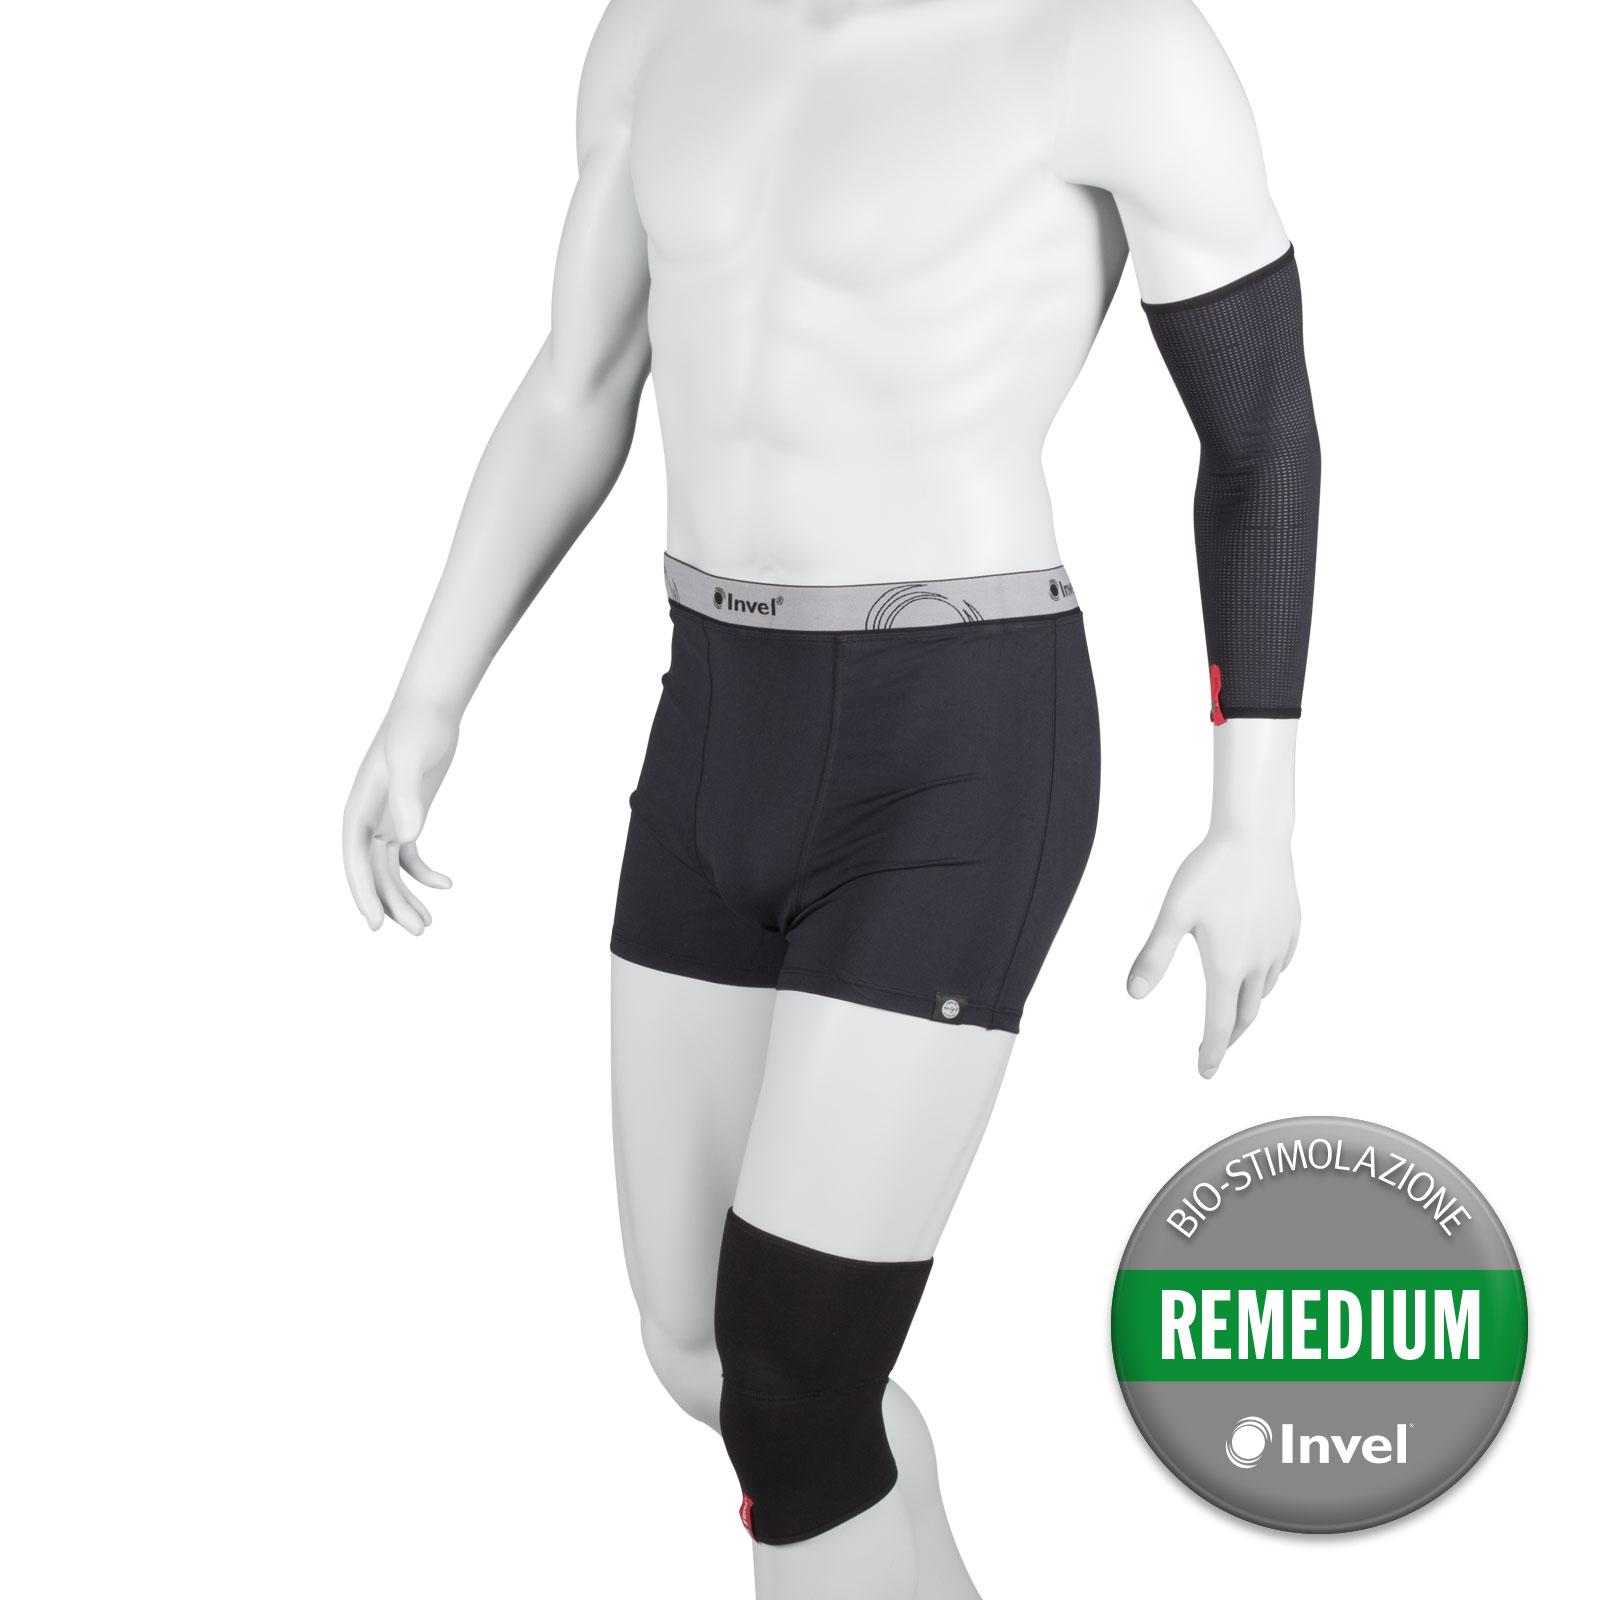 Nell'immagine sopra: tubolare, ginocchiera, boxer con tecnologia di bio-stimolazione della produzione di Ossido Nitrico.